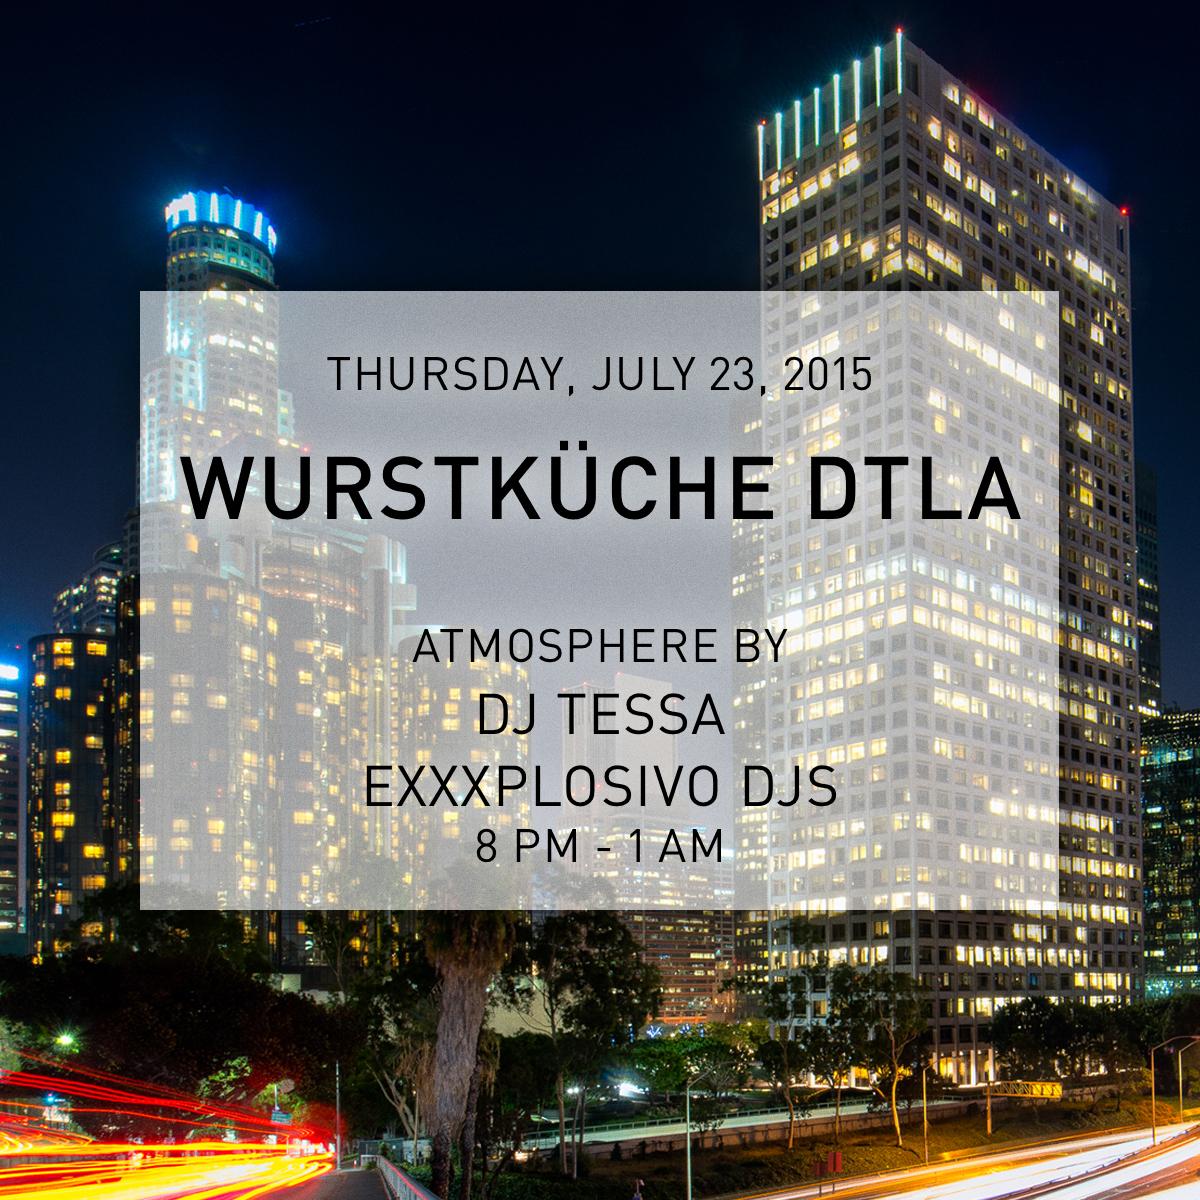 Wurstküche DJ – DJ TESSA